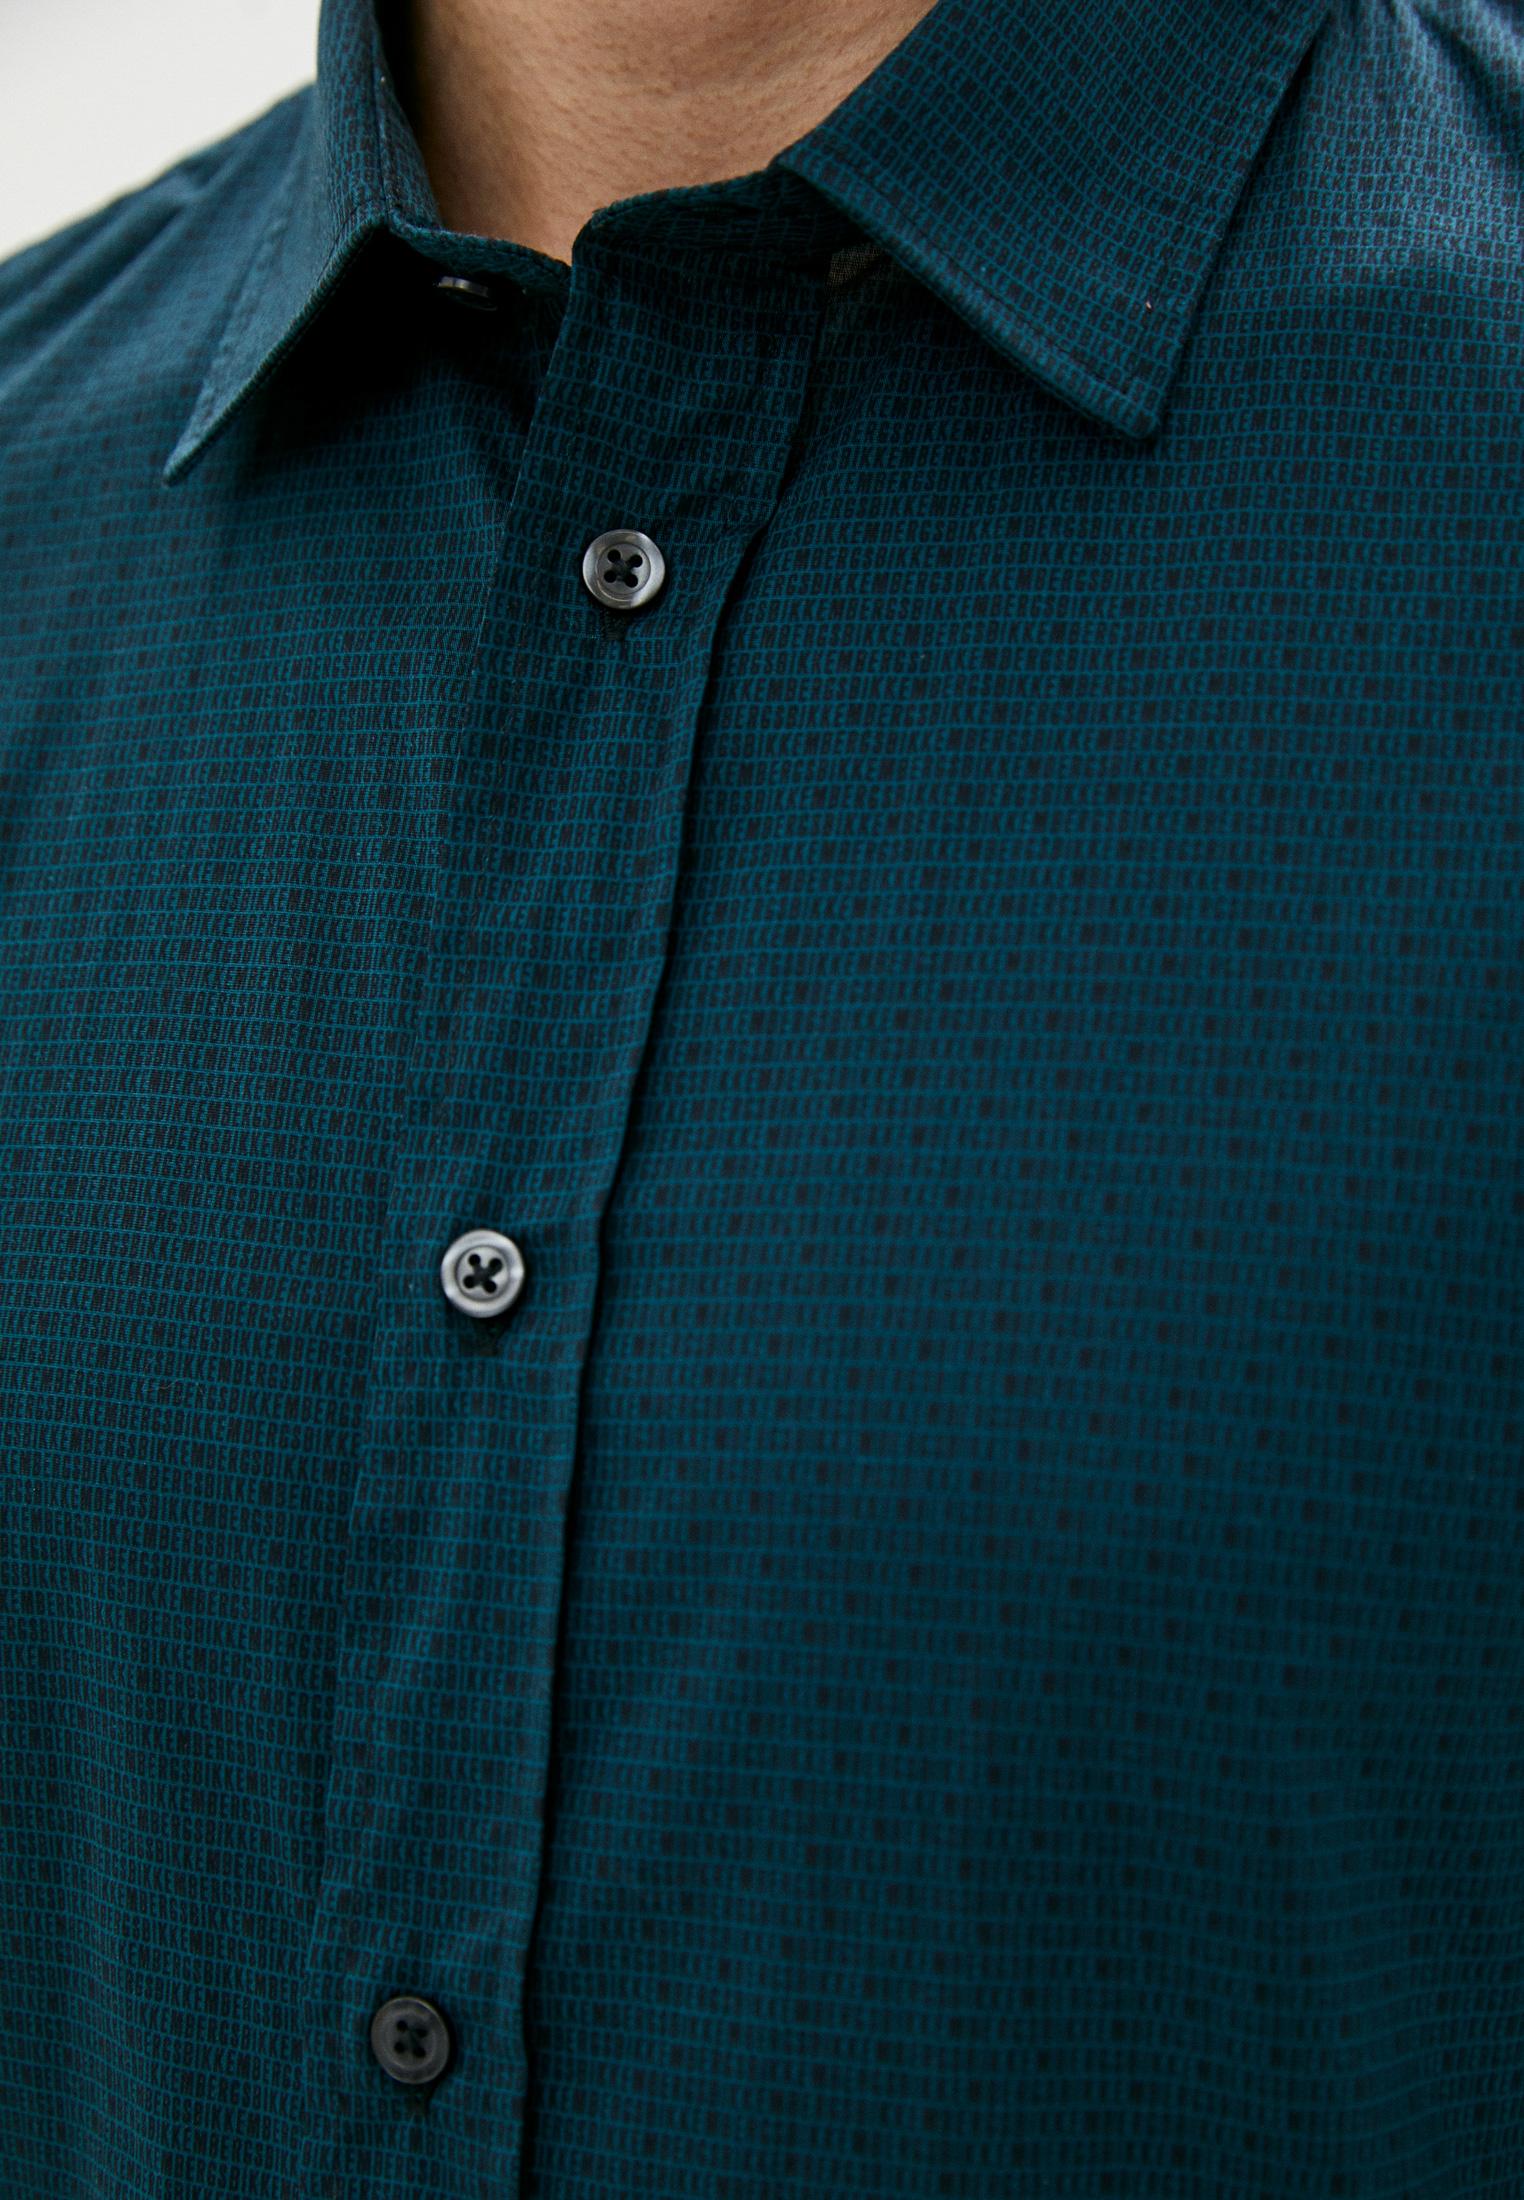 Рубашка с длинным рукавом Bikkembergs (Биккембергс) C C 009 00 S 3353: изображение 5